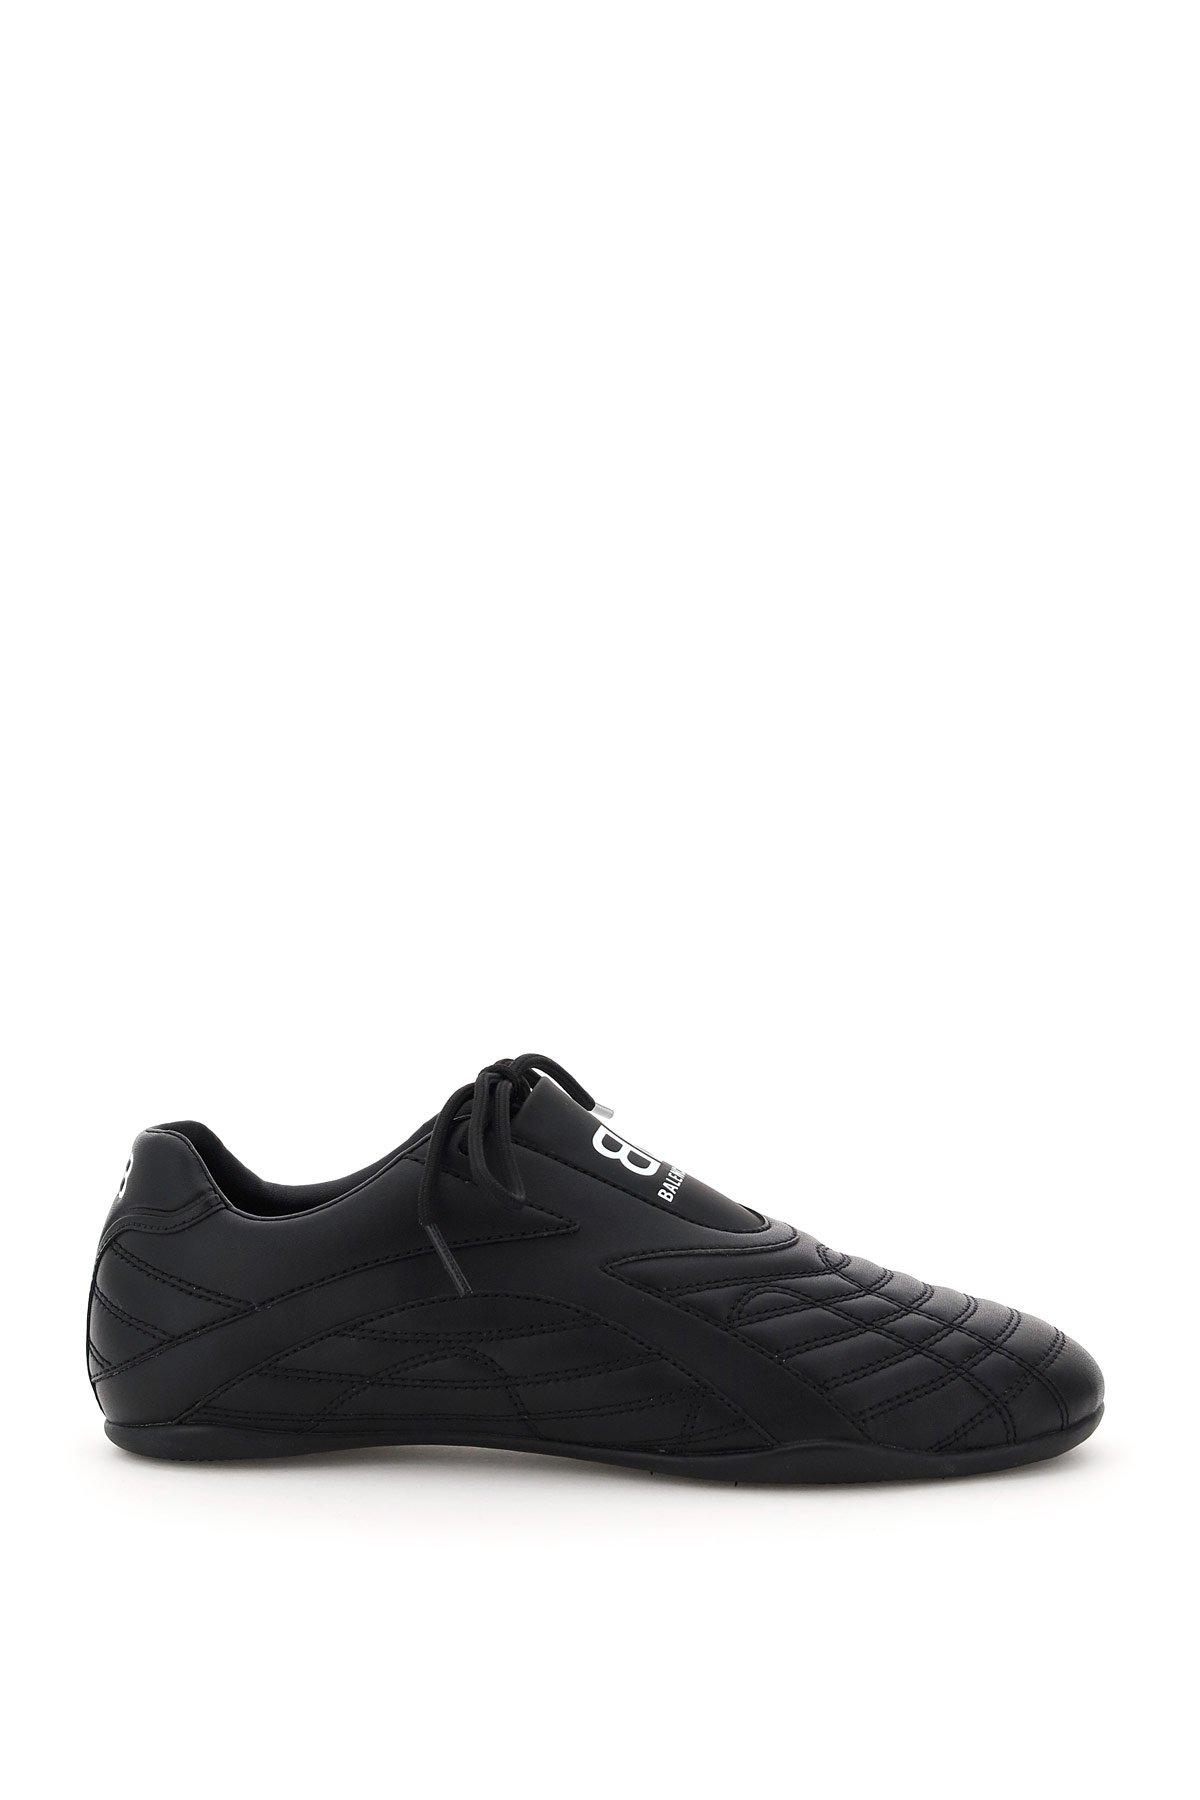 Balenciaga sneakers zen